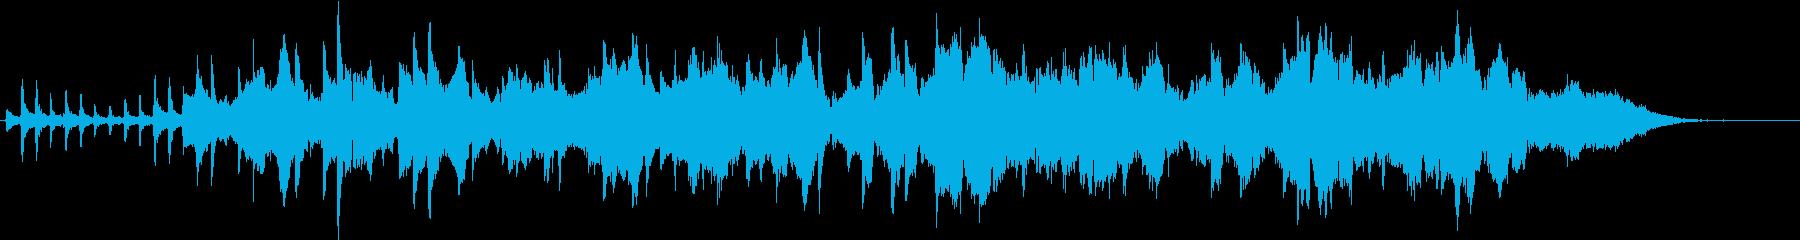 イージーリスニング弦アンサンブル。...の再生済みの波形